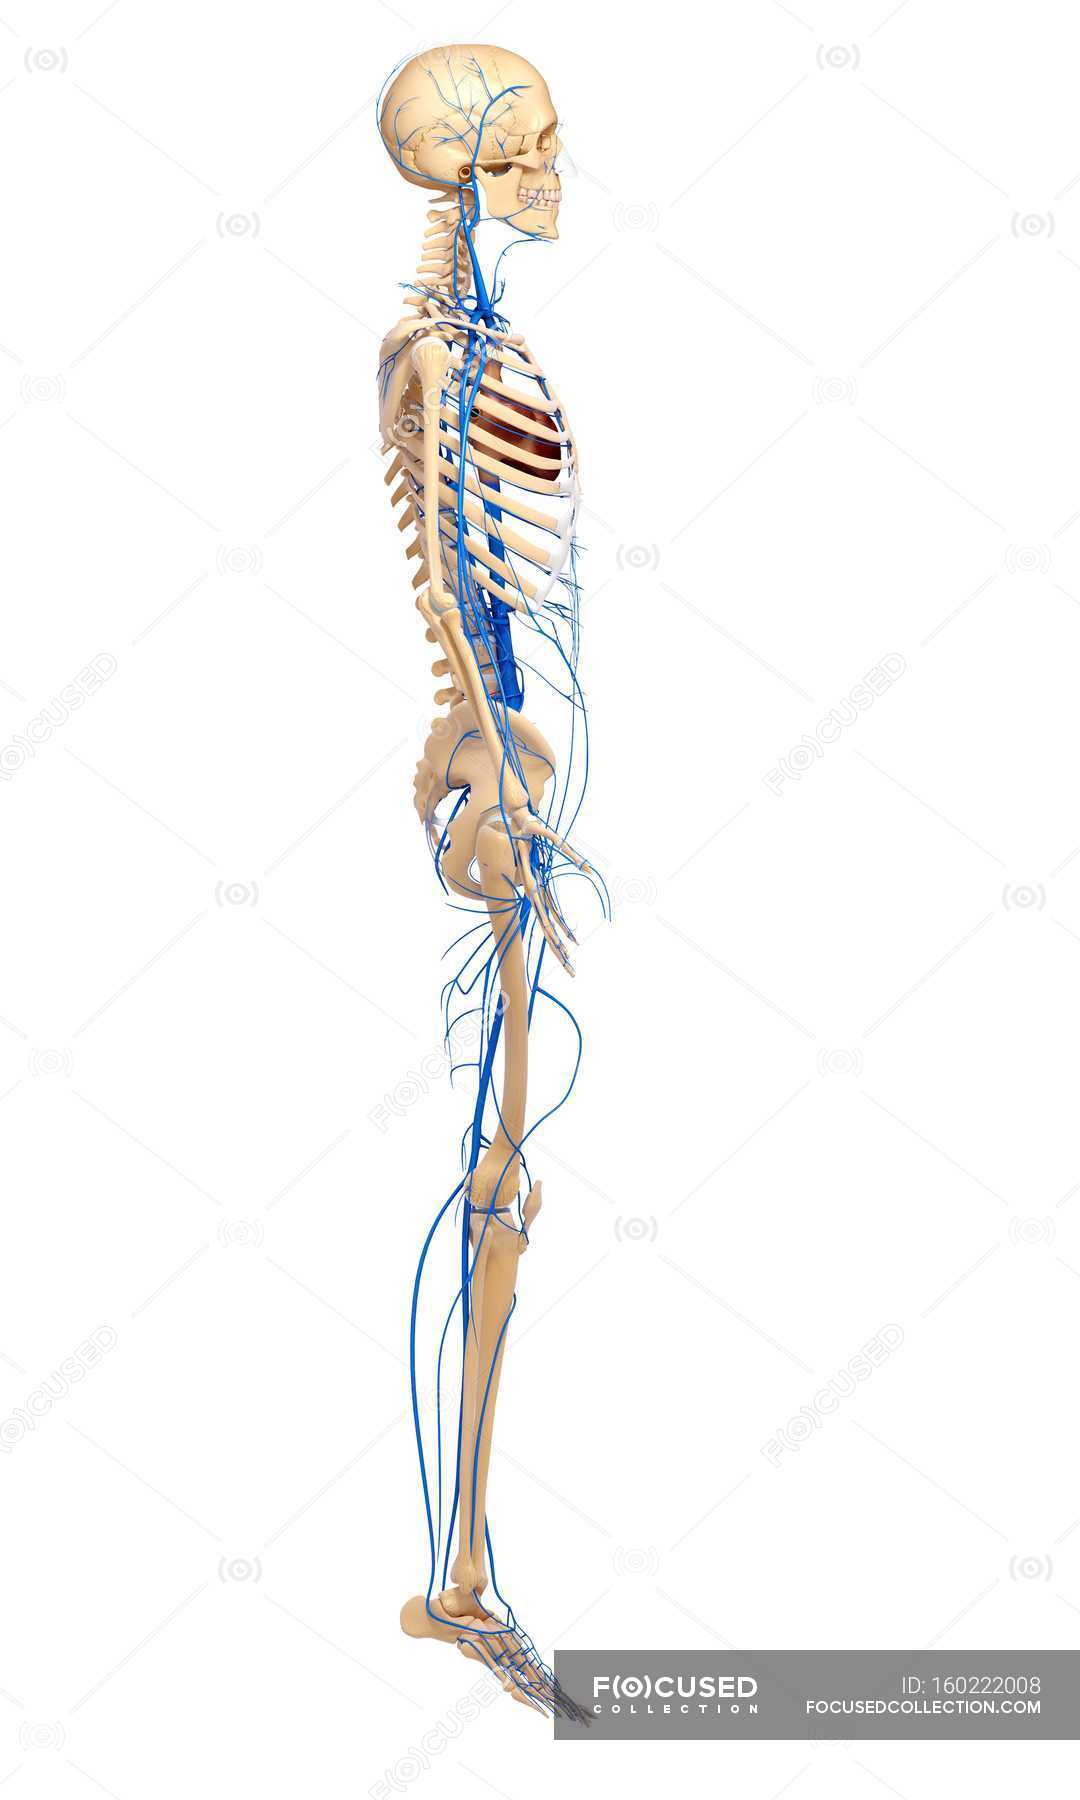 Erfreut Herz Kreislauf Organe Bilder - Anatomie Ideen - finotti.info